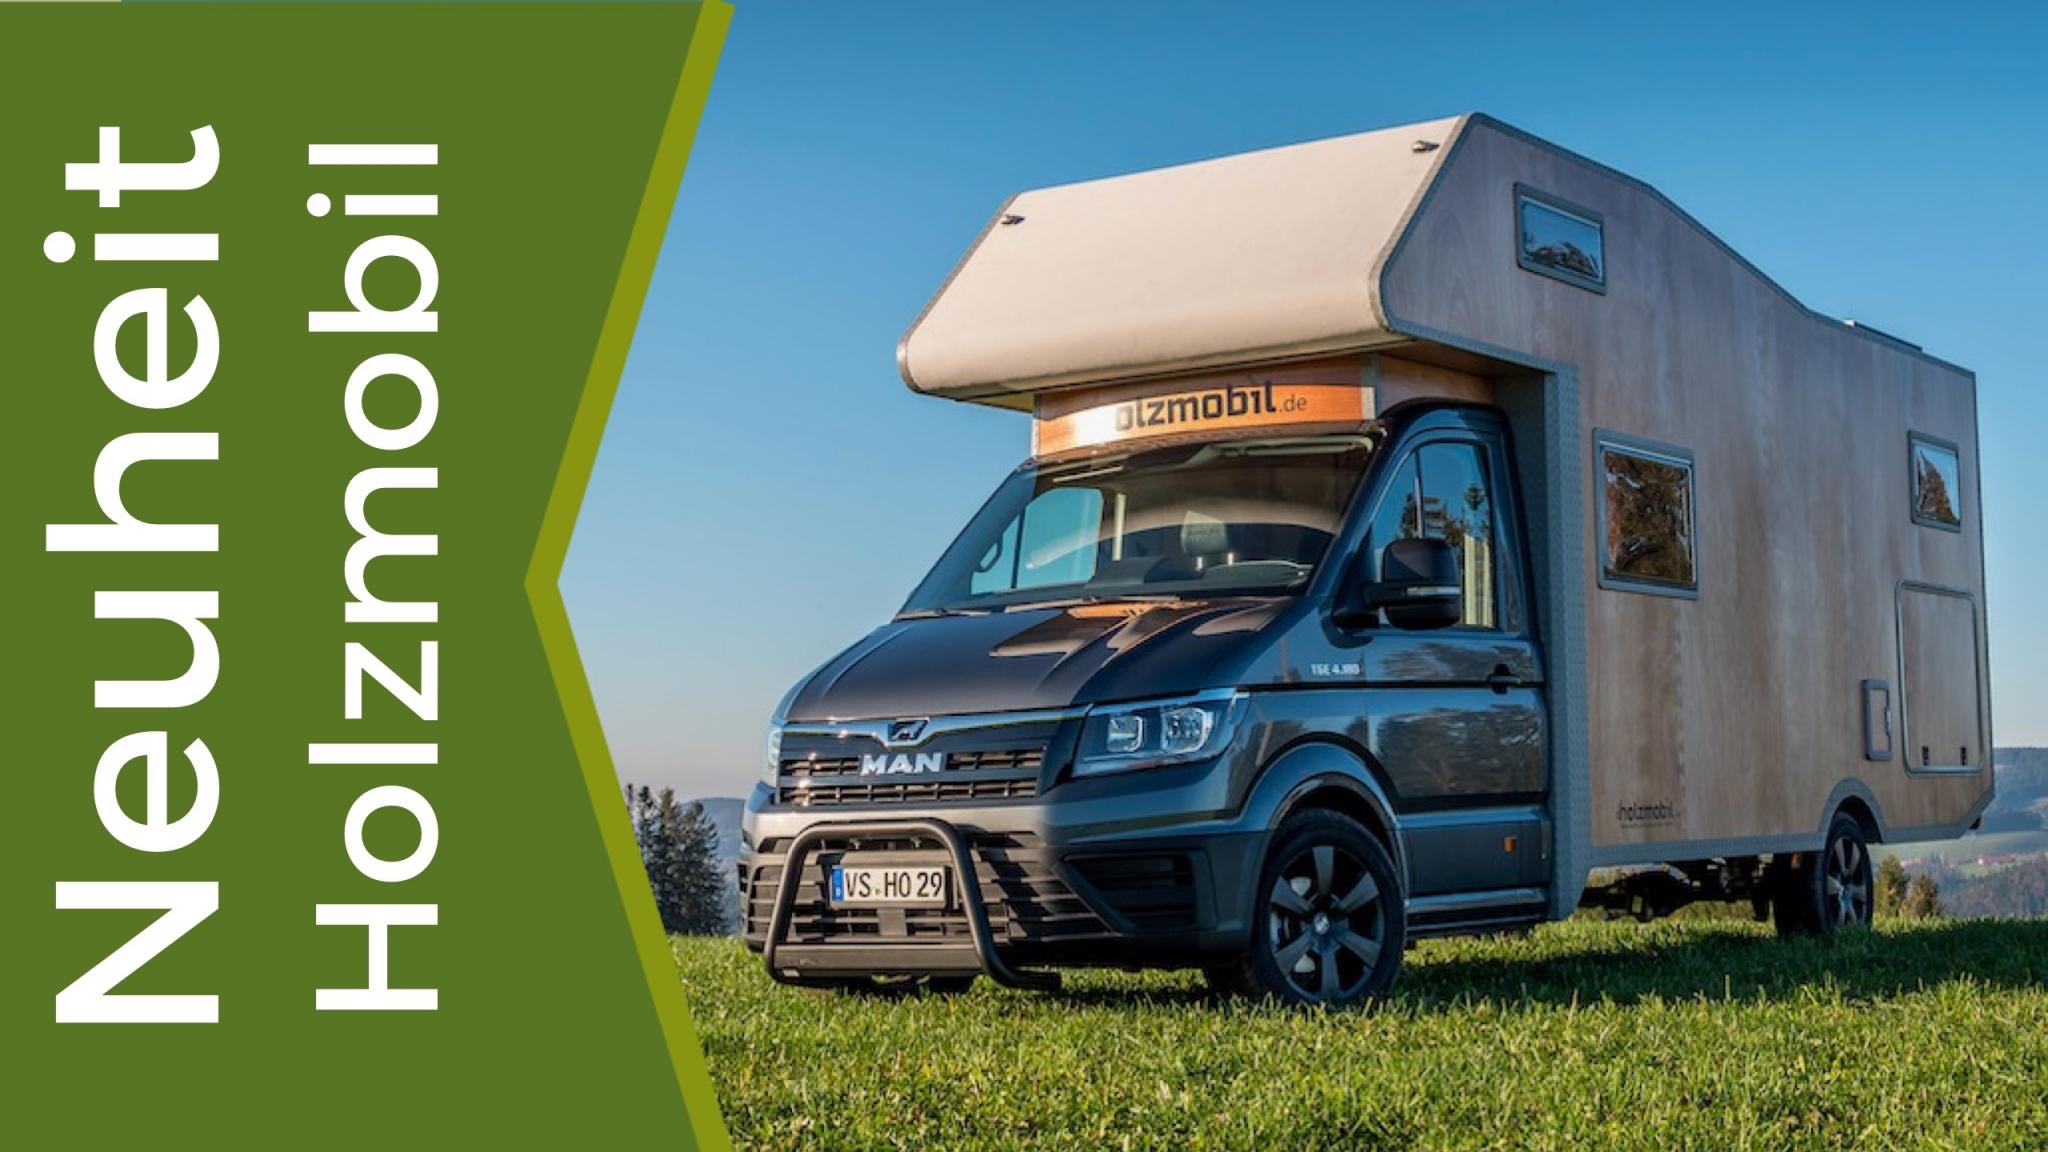 Holzmobil zeigt wirkliche Innovationen auf dem Wohnmobil Markt